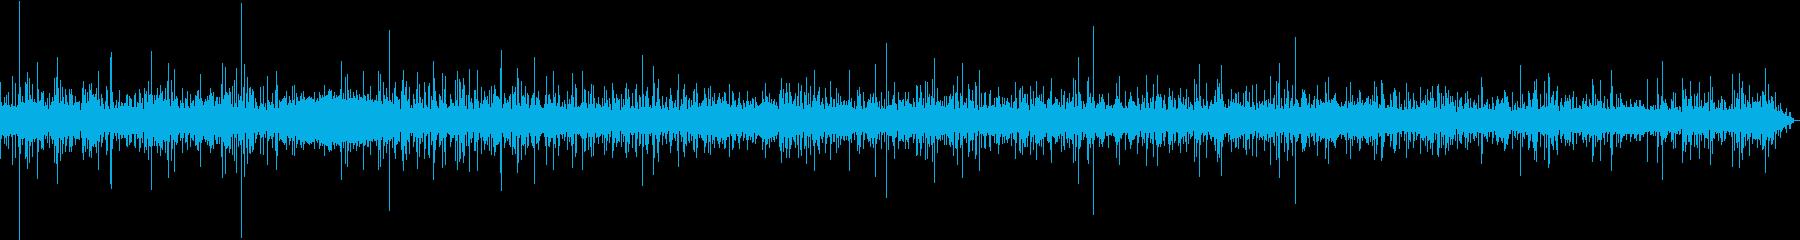 【生録音】日本 東京に降る雨の音 7の再生済みの波形